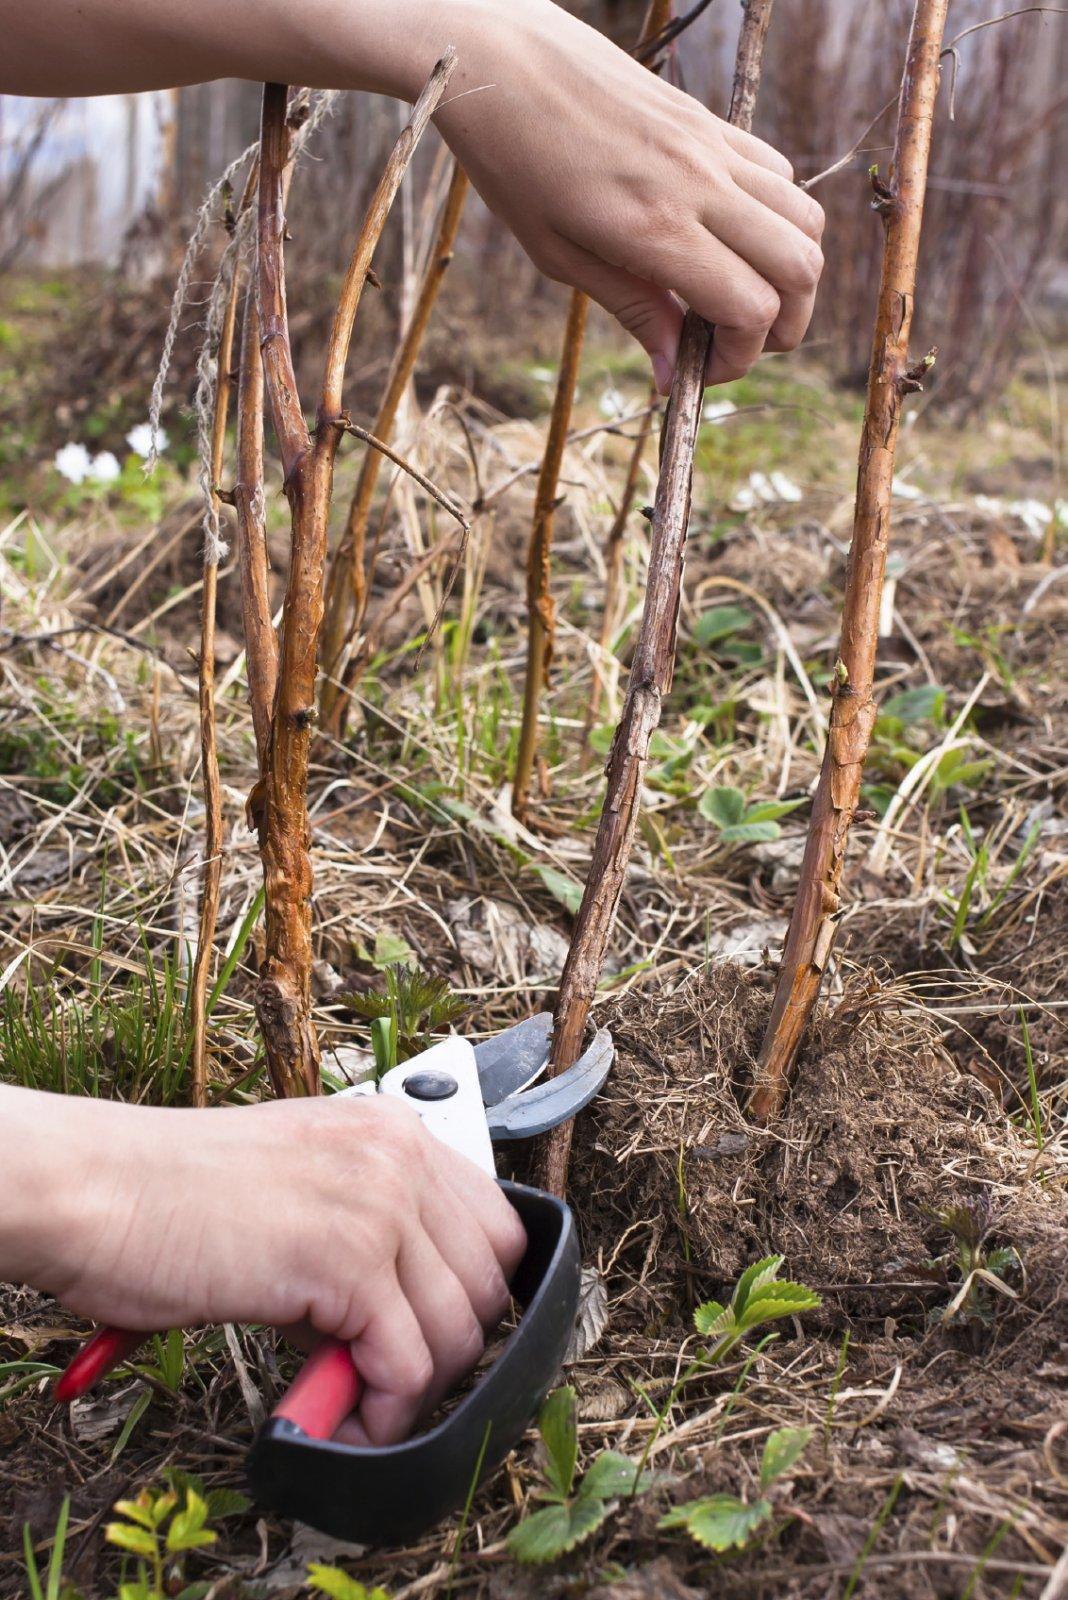 Малина осенью – уход, обрезка и подкормка, особенности проведения процедур для получения богатого урожая